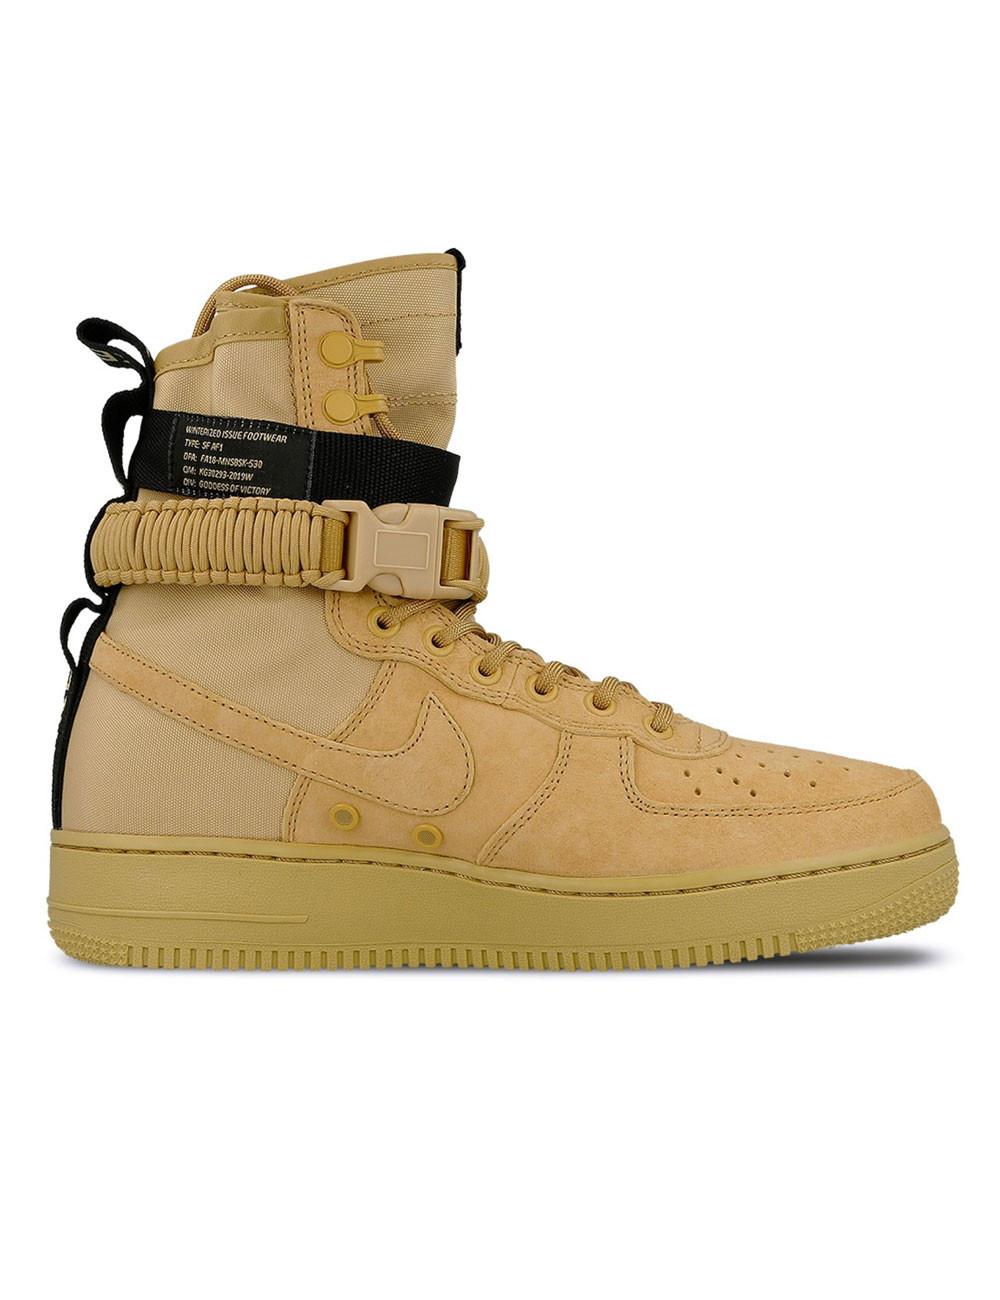 Nike sportswear Air force 1 sf - 864024-700 | Shapestore.it